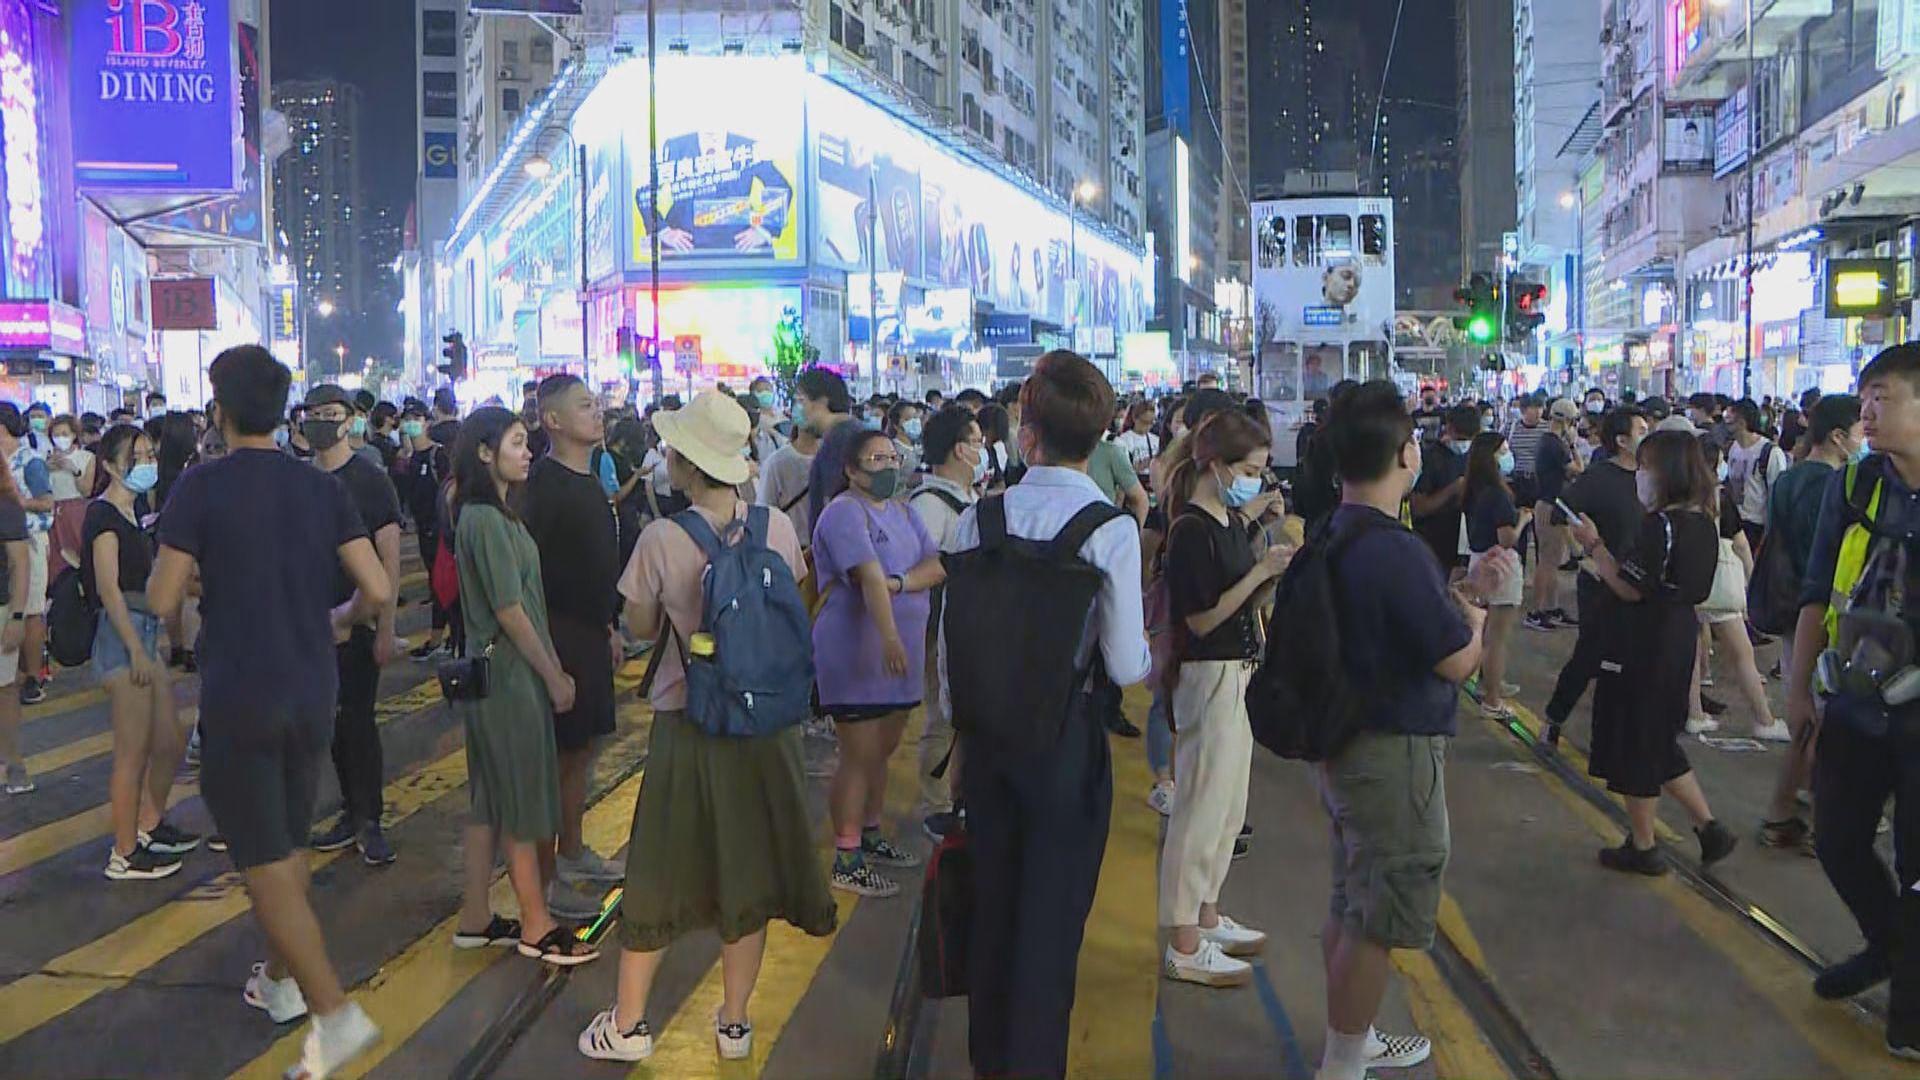 銅鑼灣大批市民聚集 佔據崇光外道路